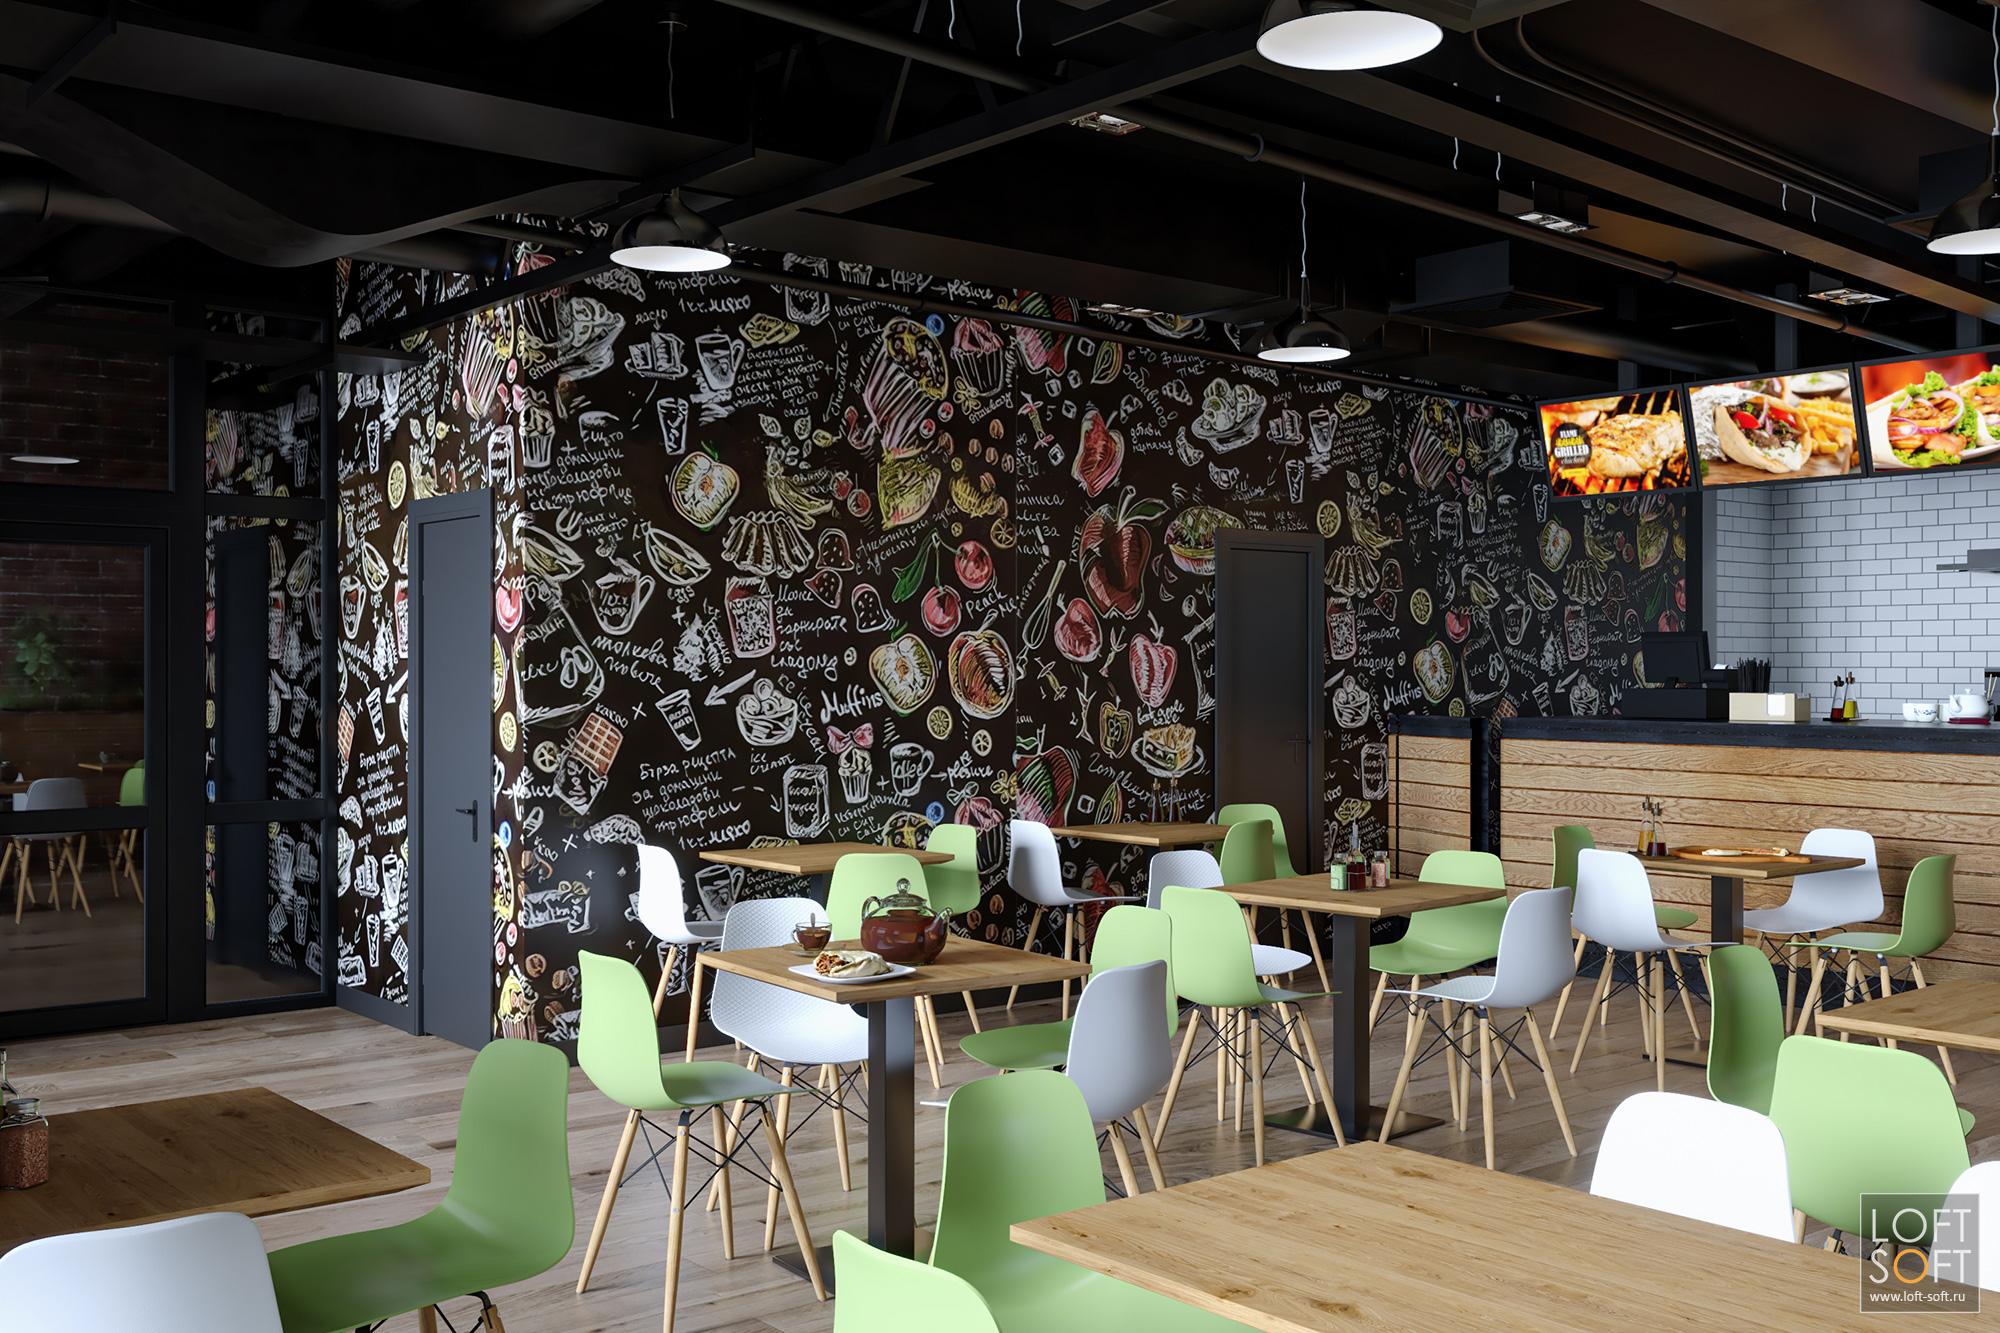 Граффити настене вресторане. Дизайн кафе встиле лофт.